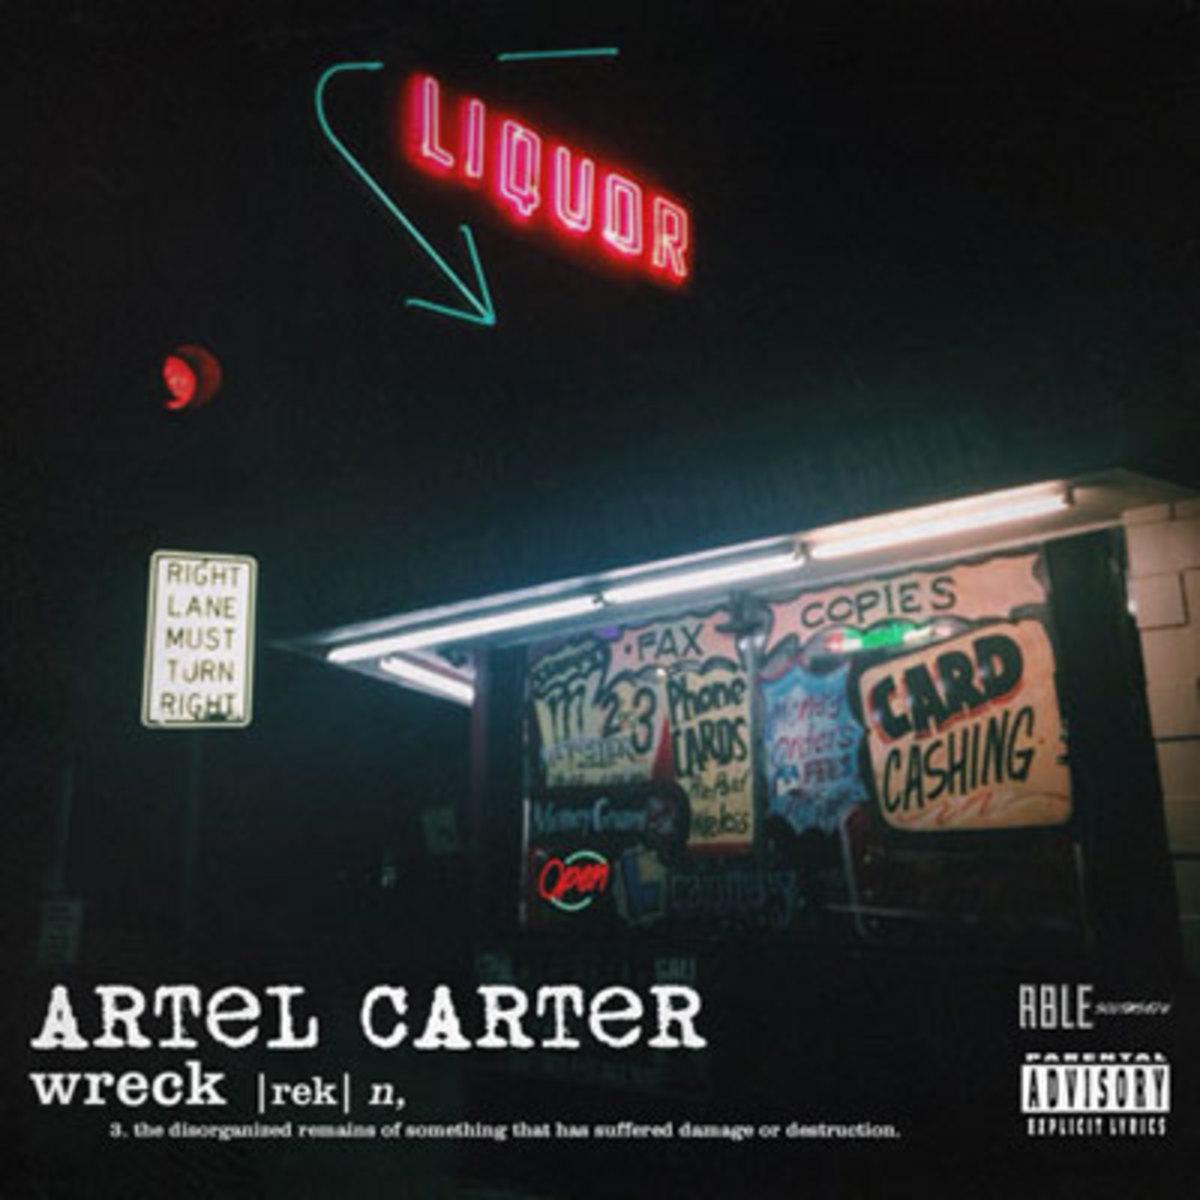 artel-carter-wreck.jpg